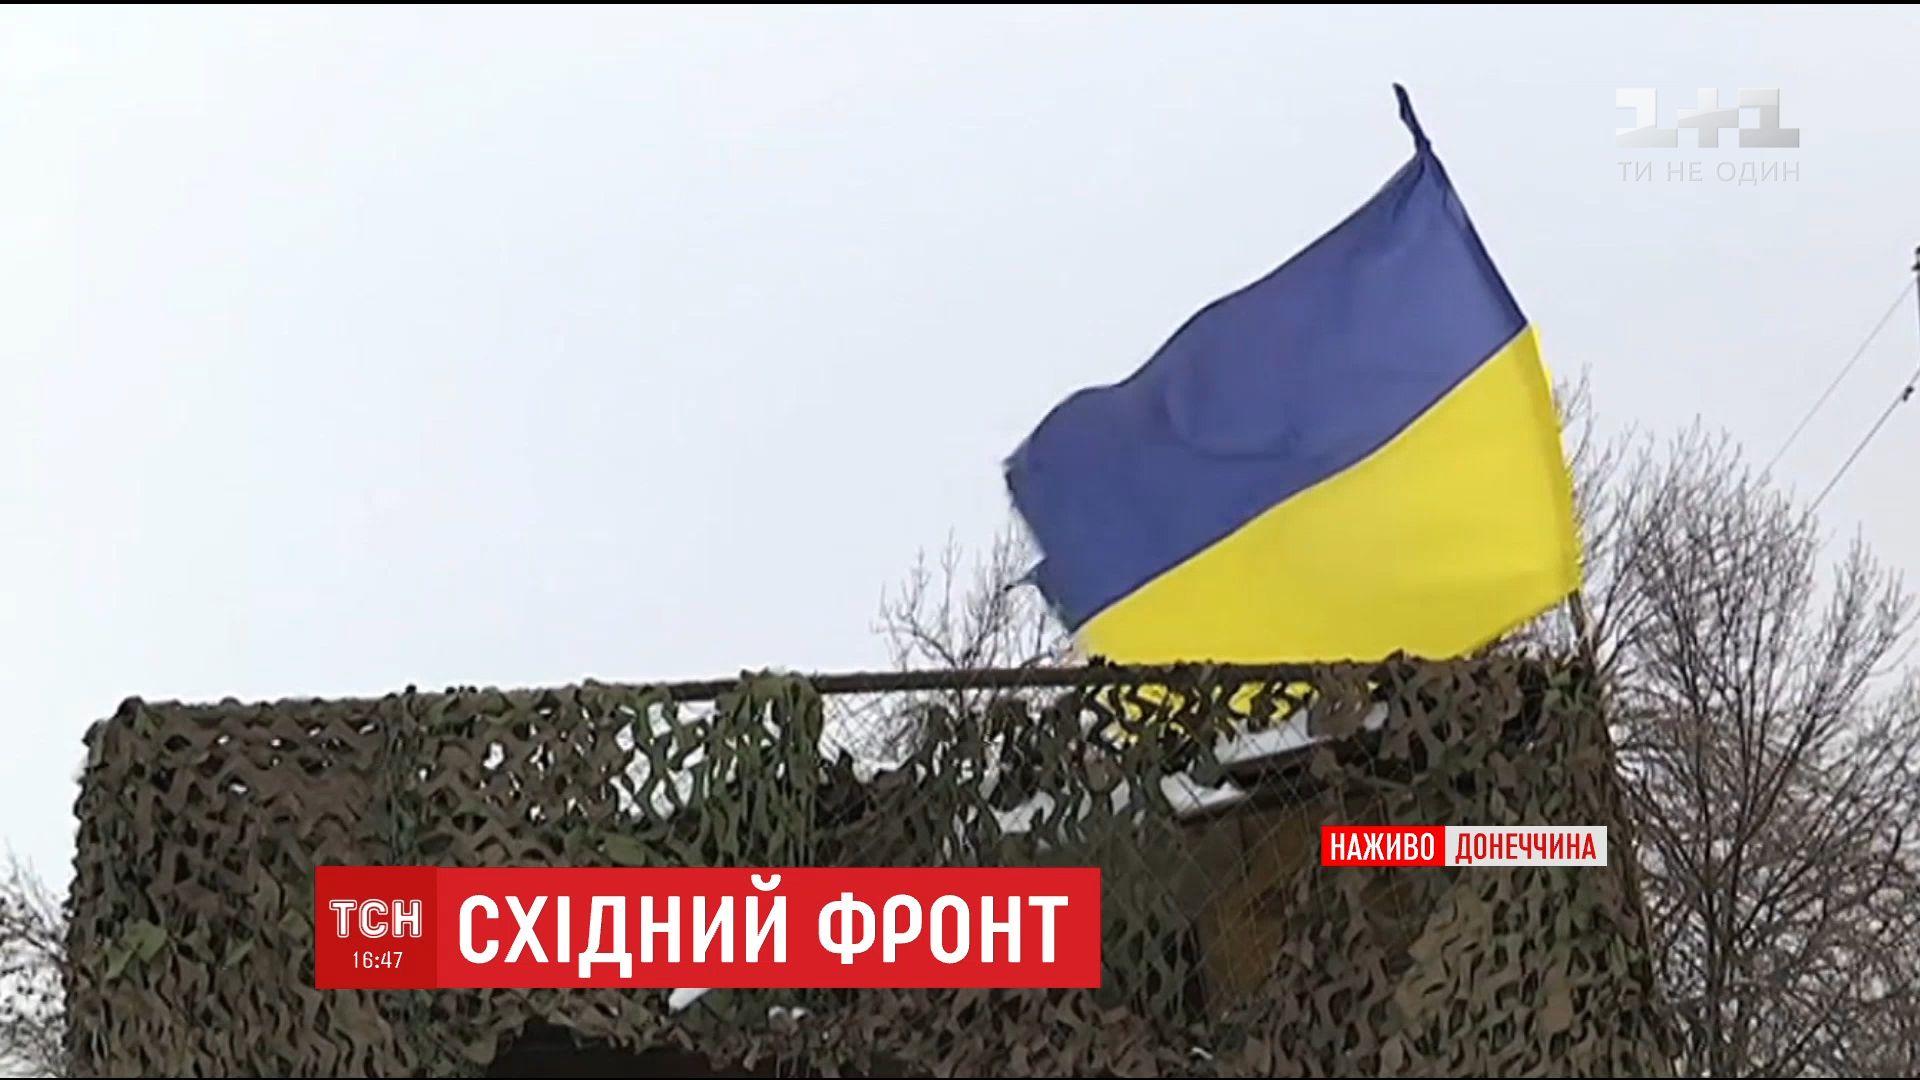 Бойовики кілька разів намагалися захопити українські позиції в районі Светлодарской дуги /